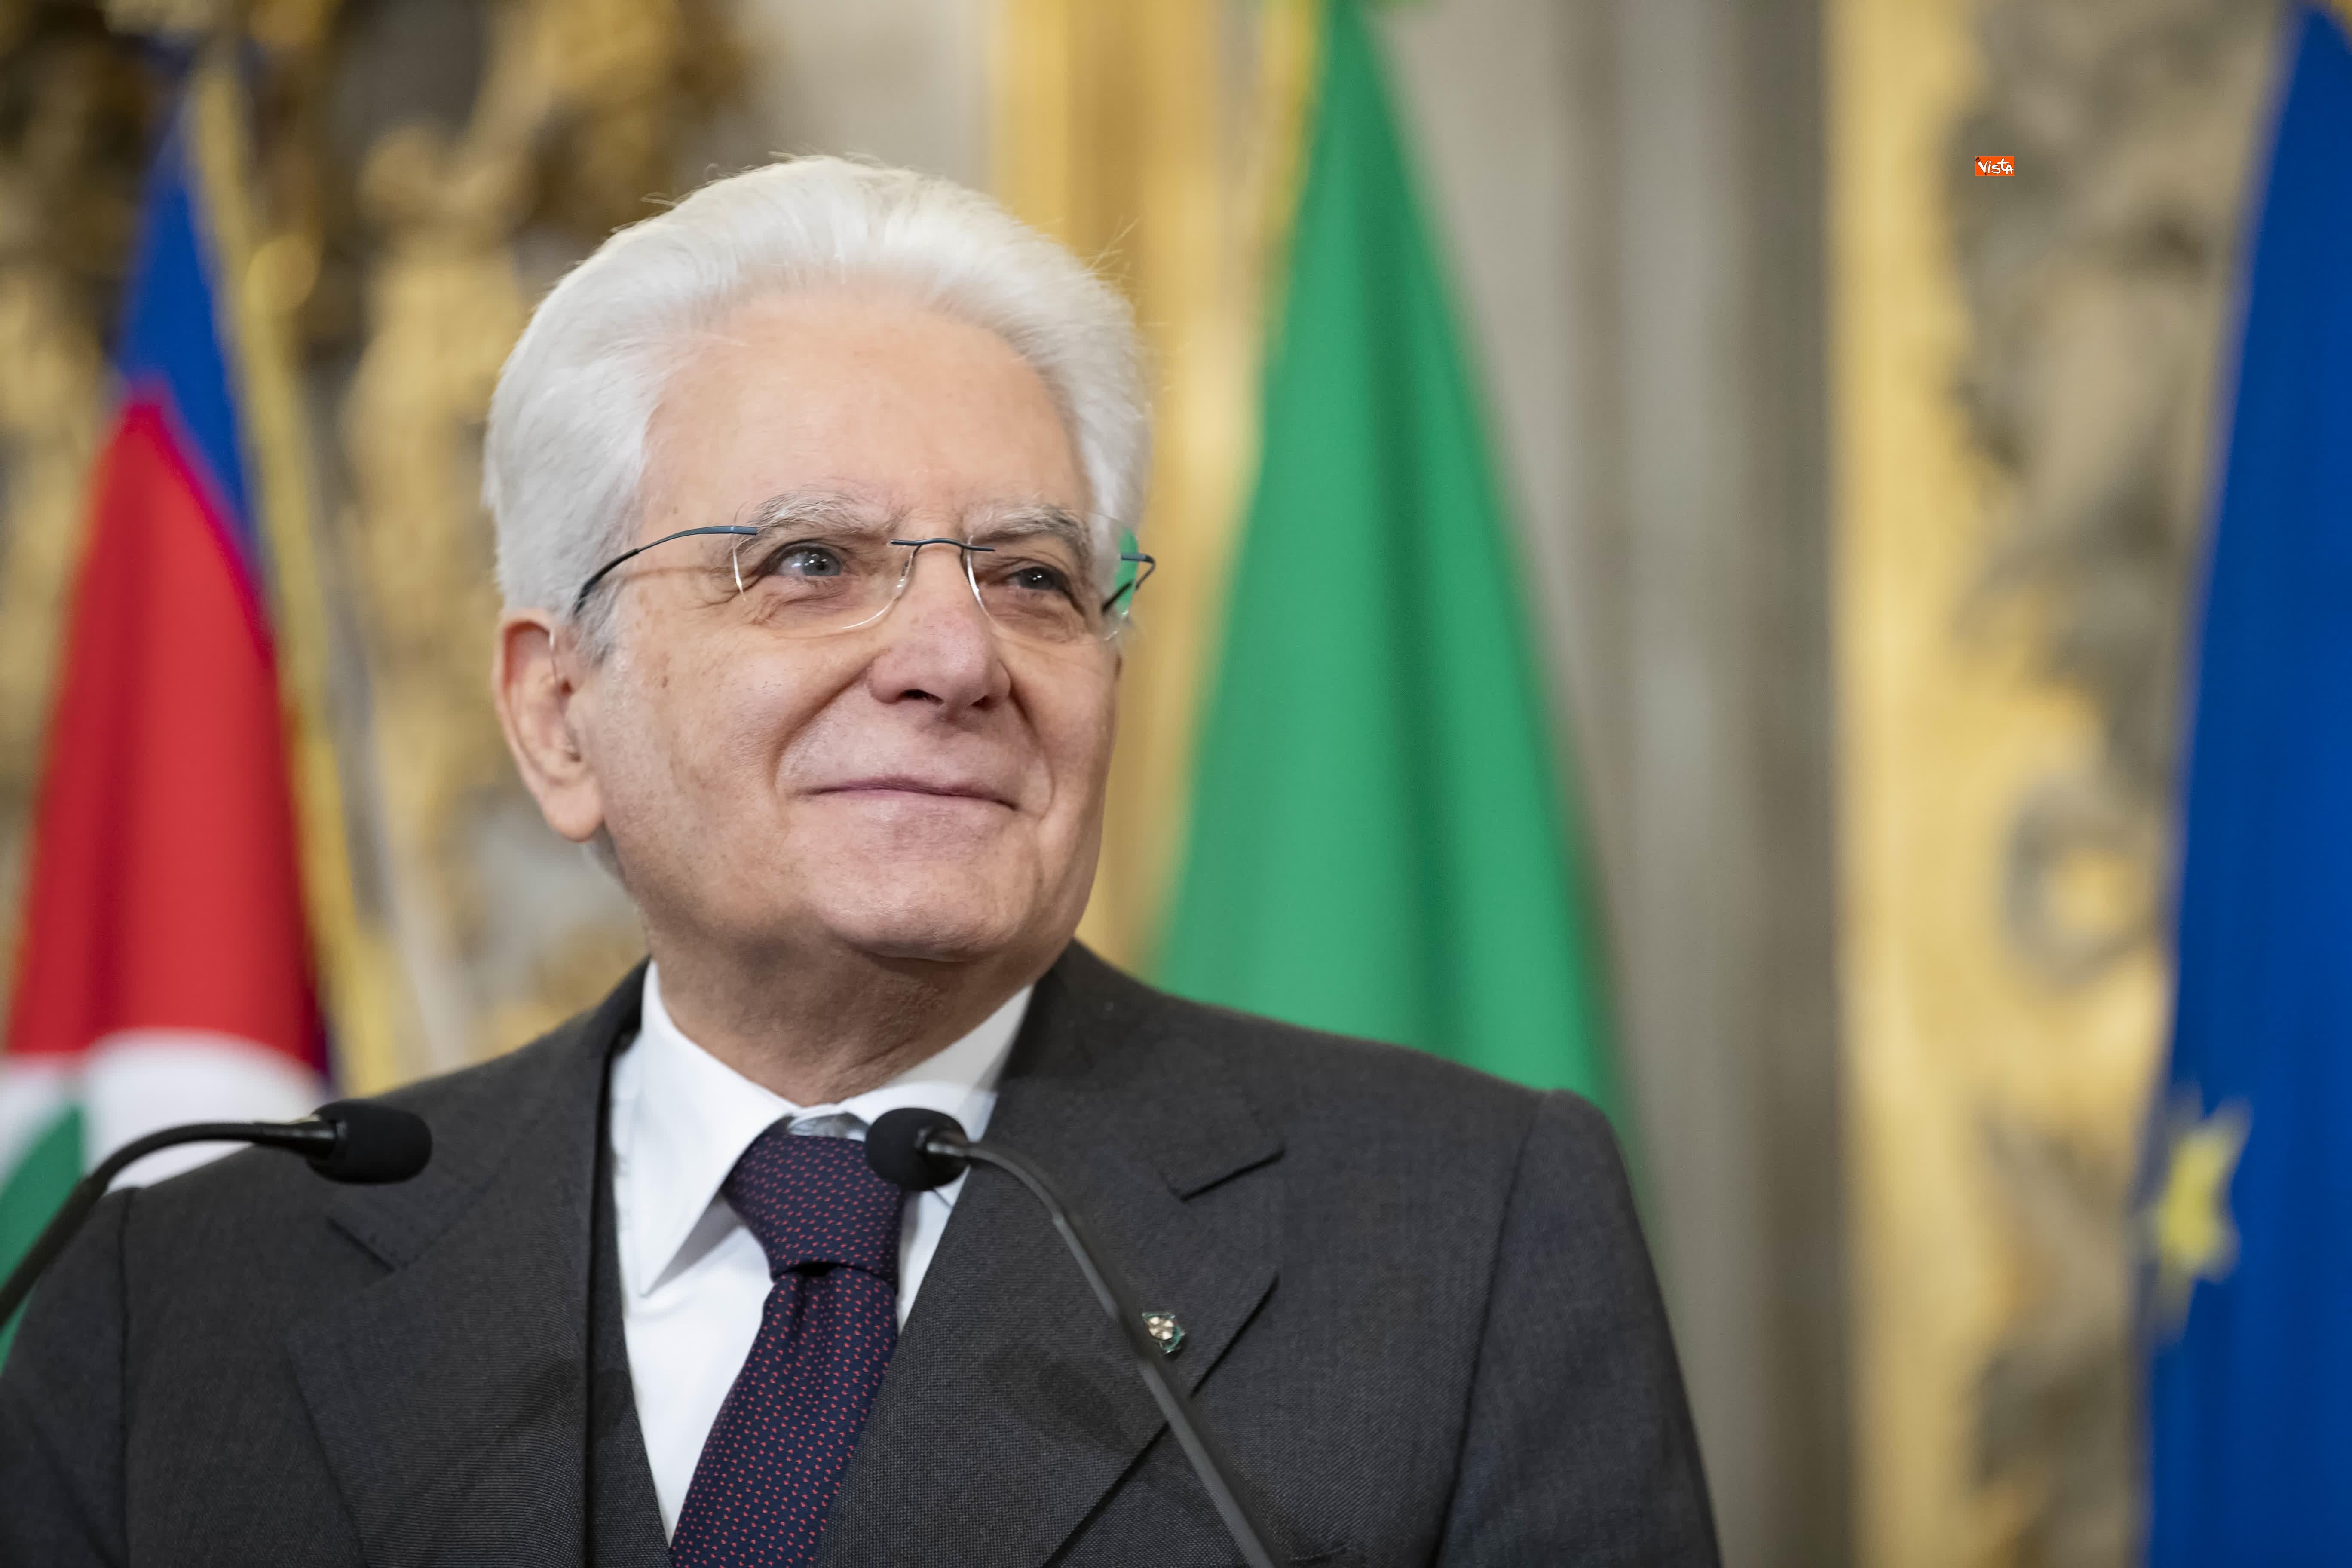 13-03-19 Mattarella consegna gli Attestati d Onore ai nuovi Alfieri della Repubblica, le immagini_05